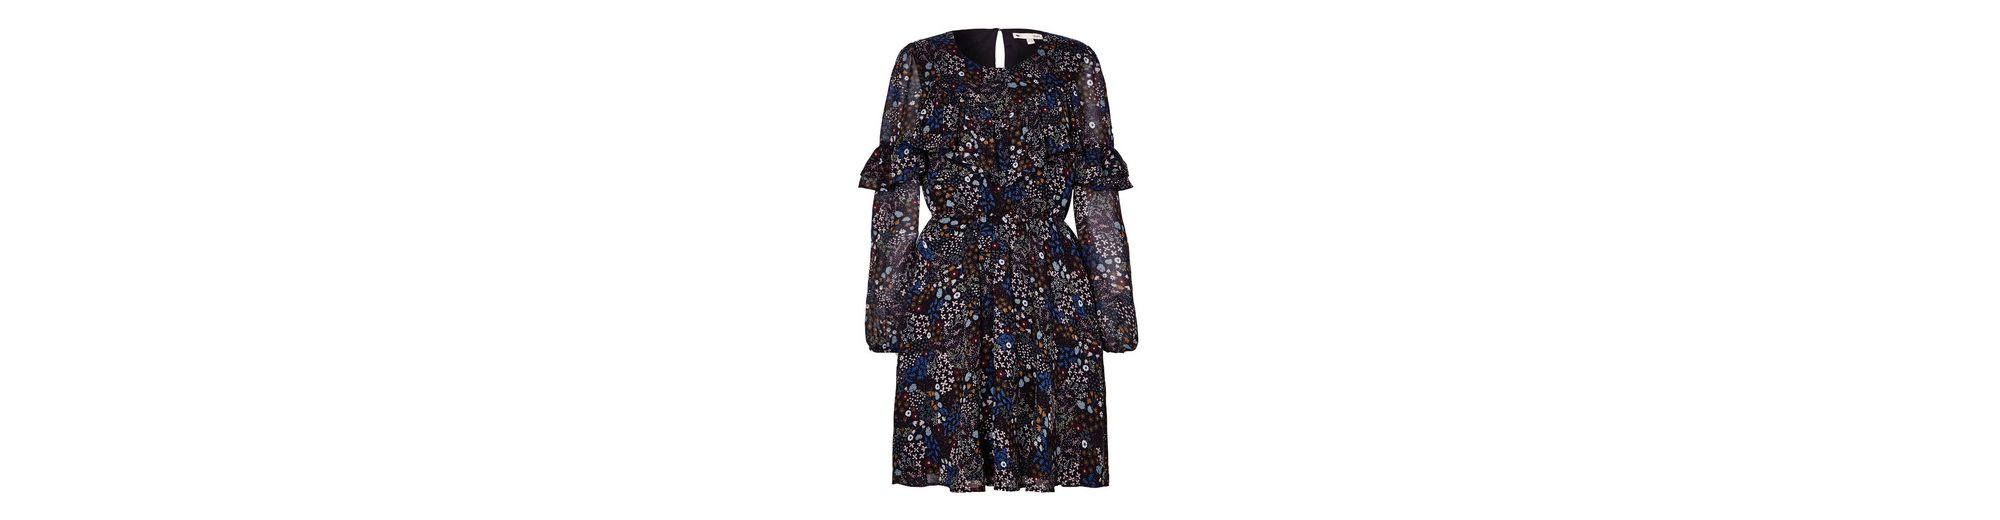 Yumi Sommerkleid Courtney, mit trendigen Rüschendetails